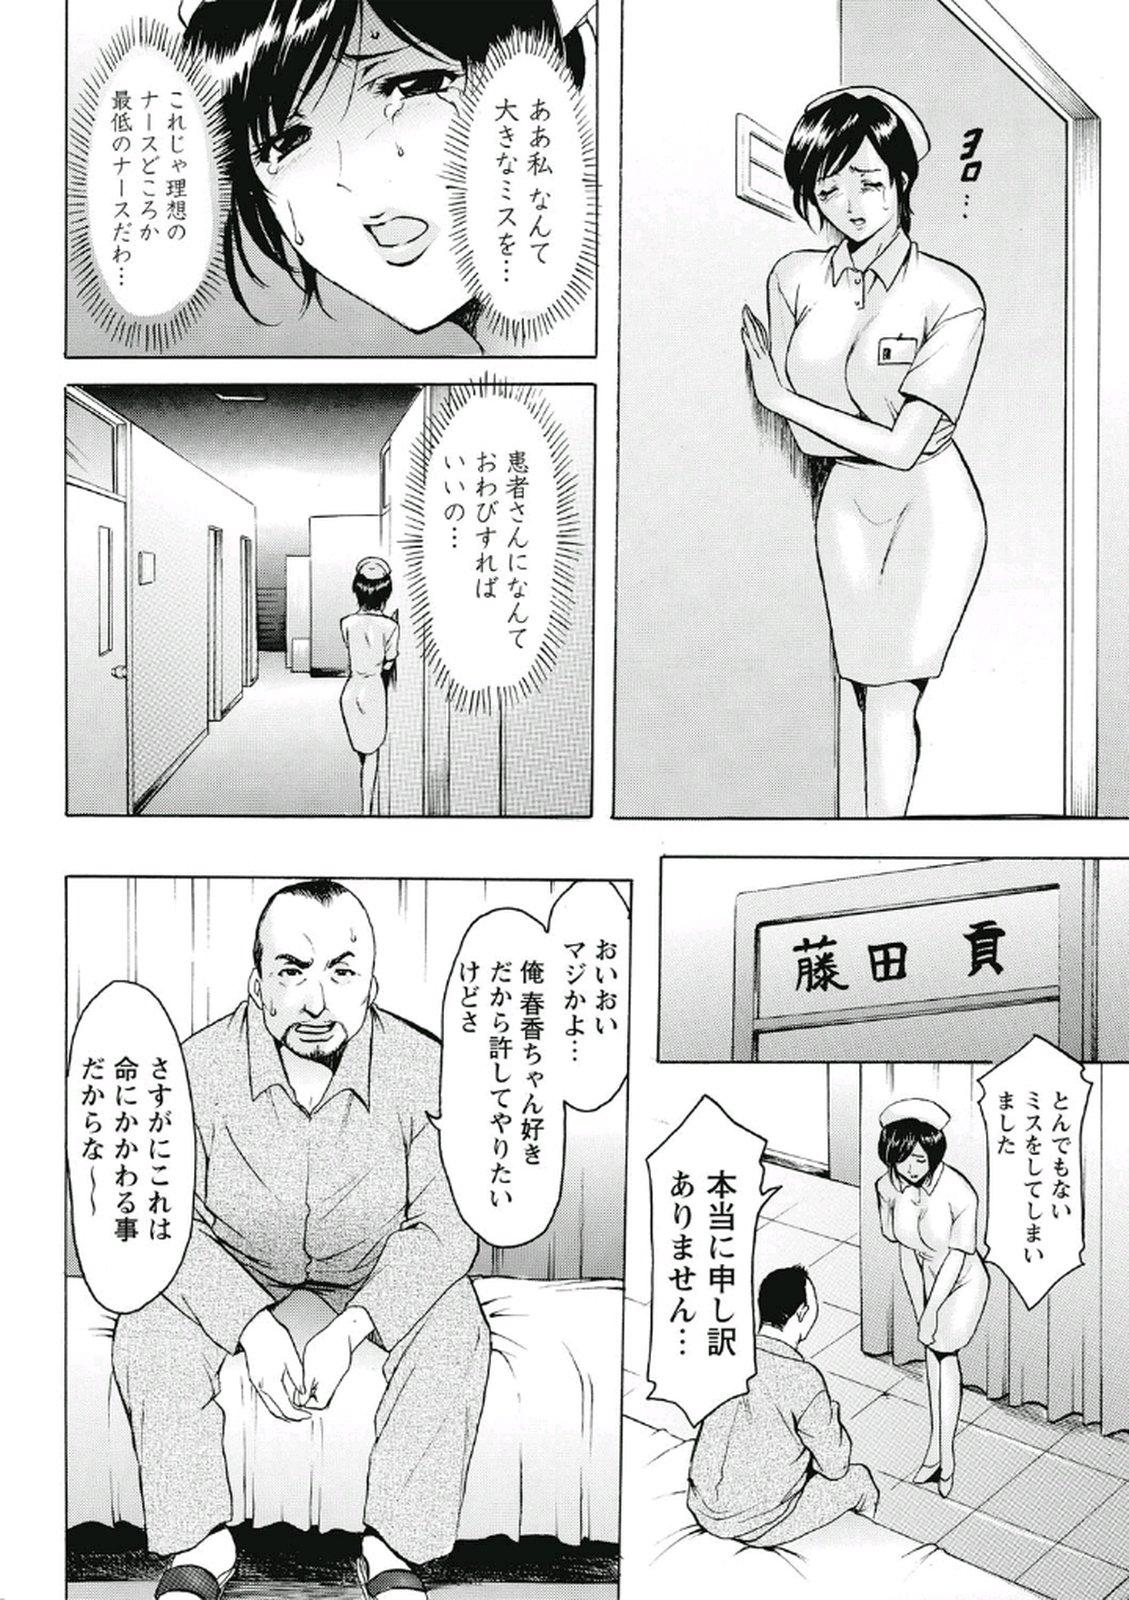 Chijoku Byoutou 10